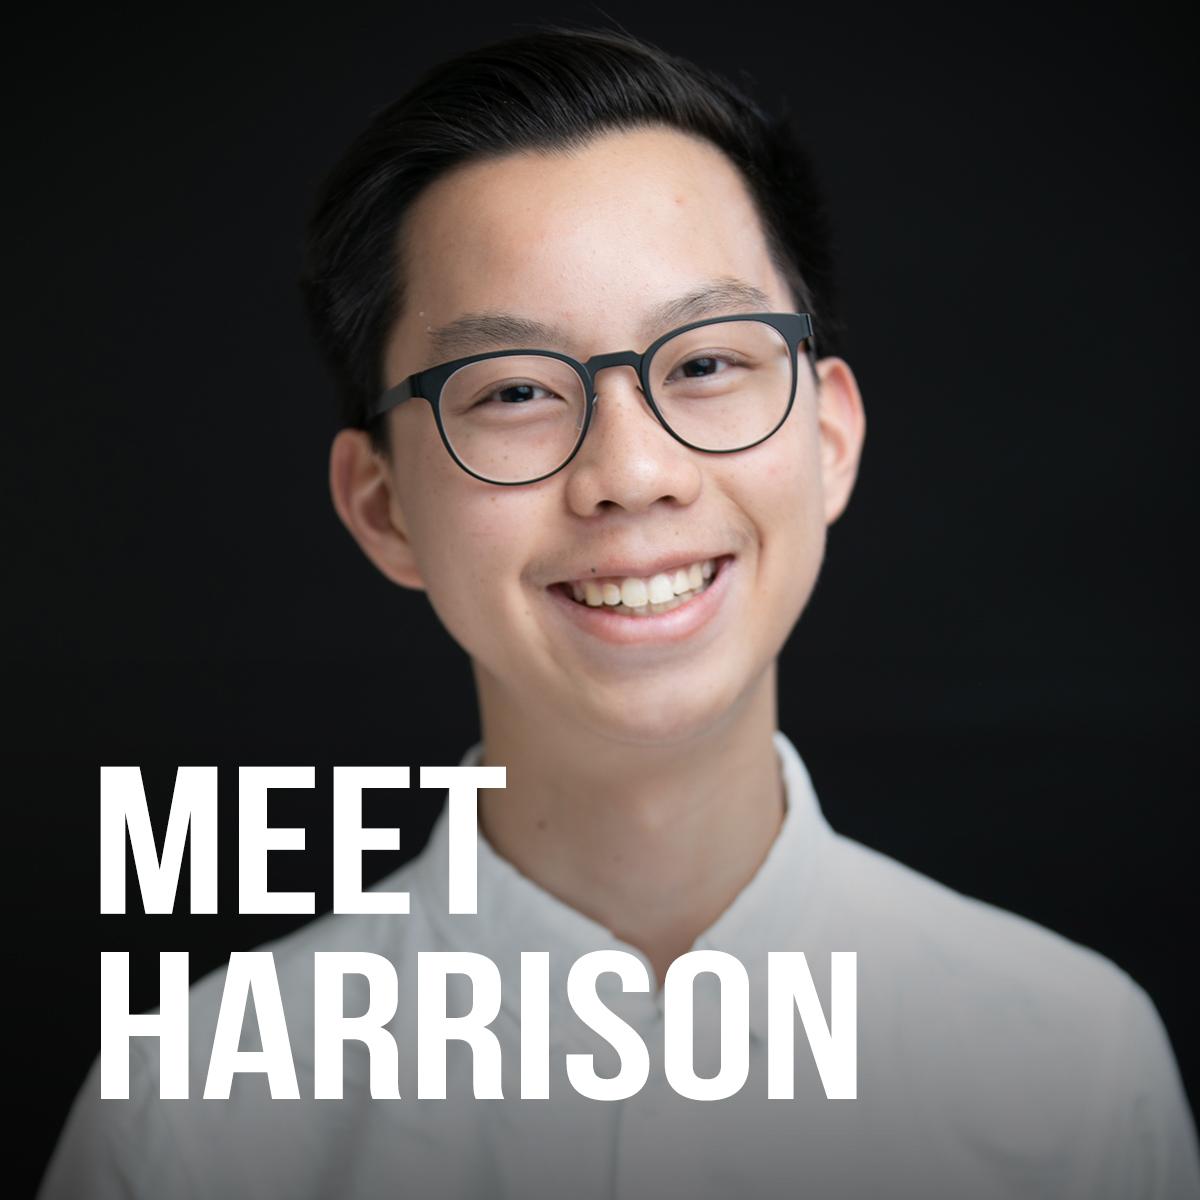 Meet Harrison